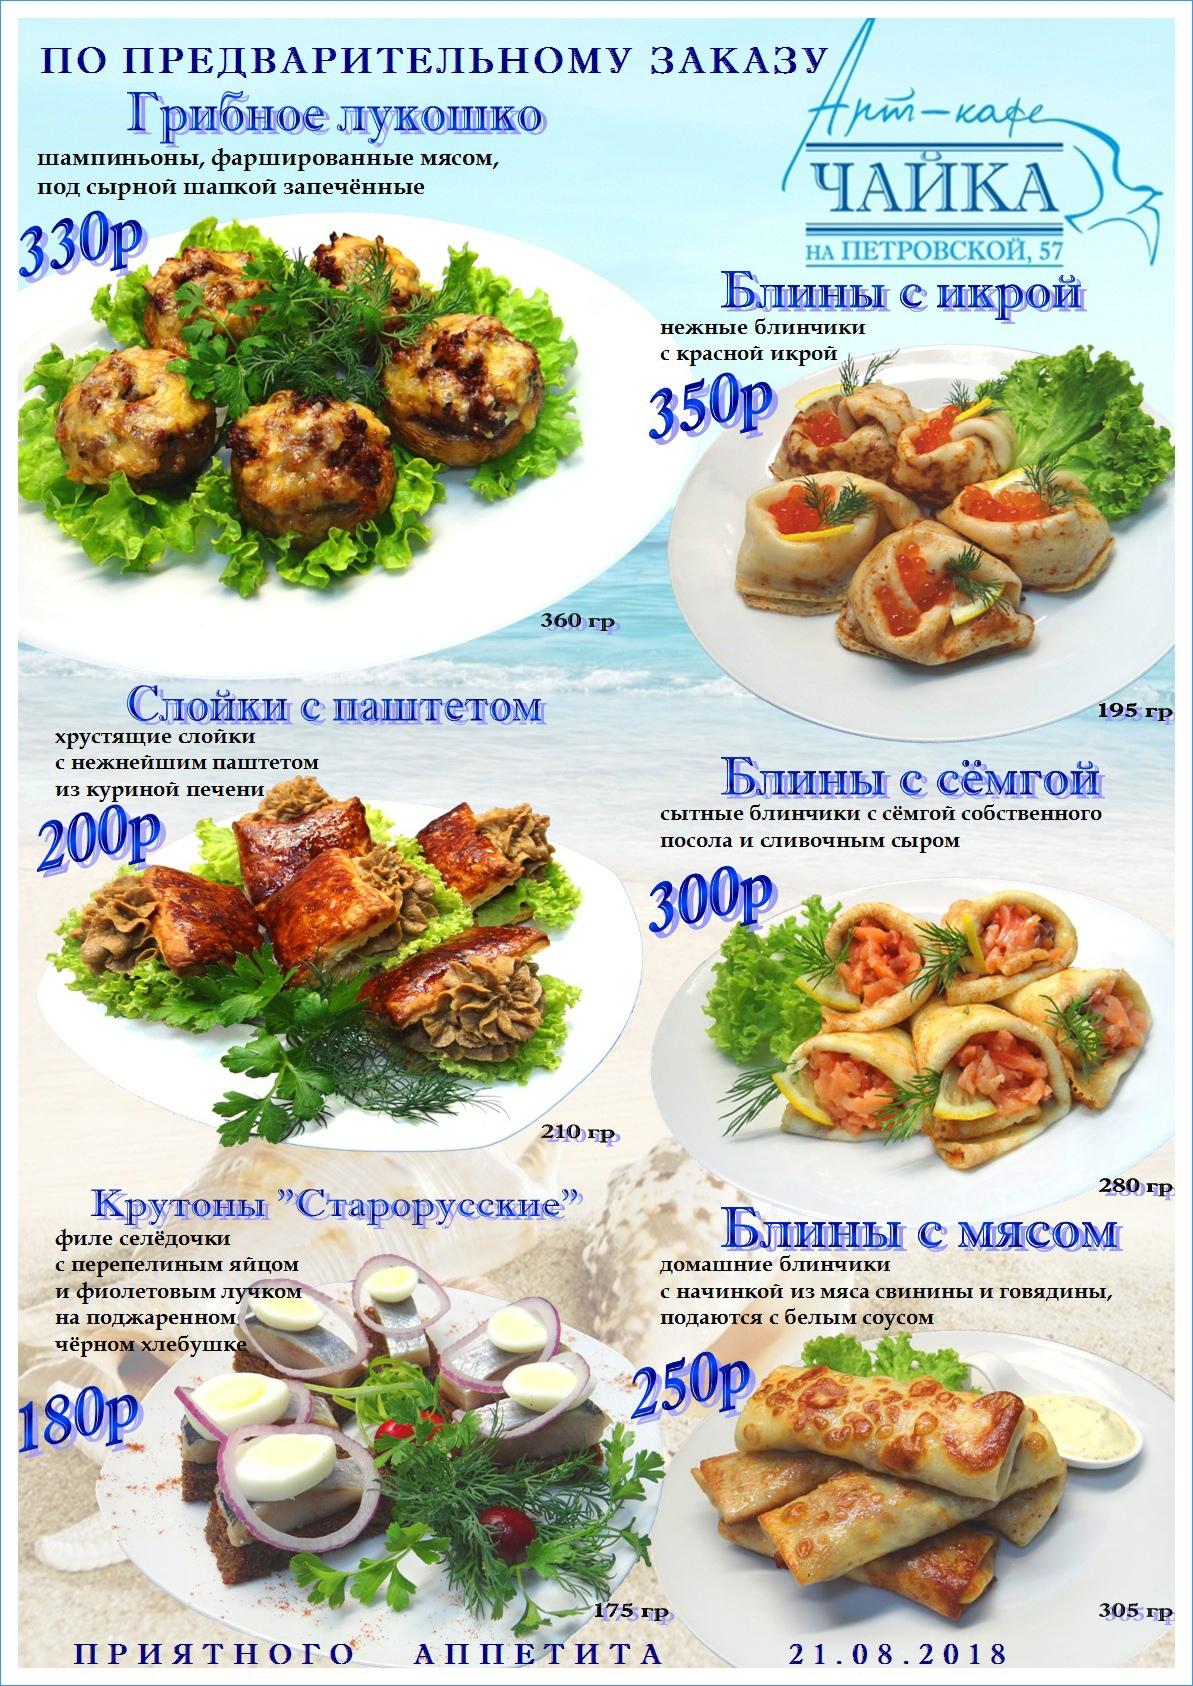 Банкетное меню Арт-кафе «Чайка»